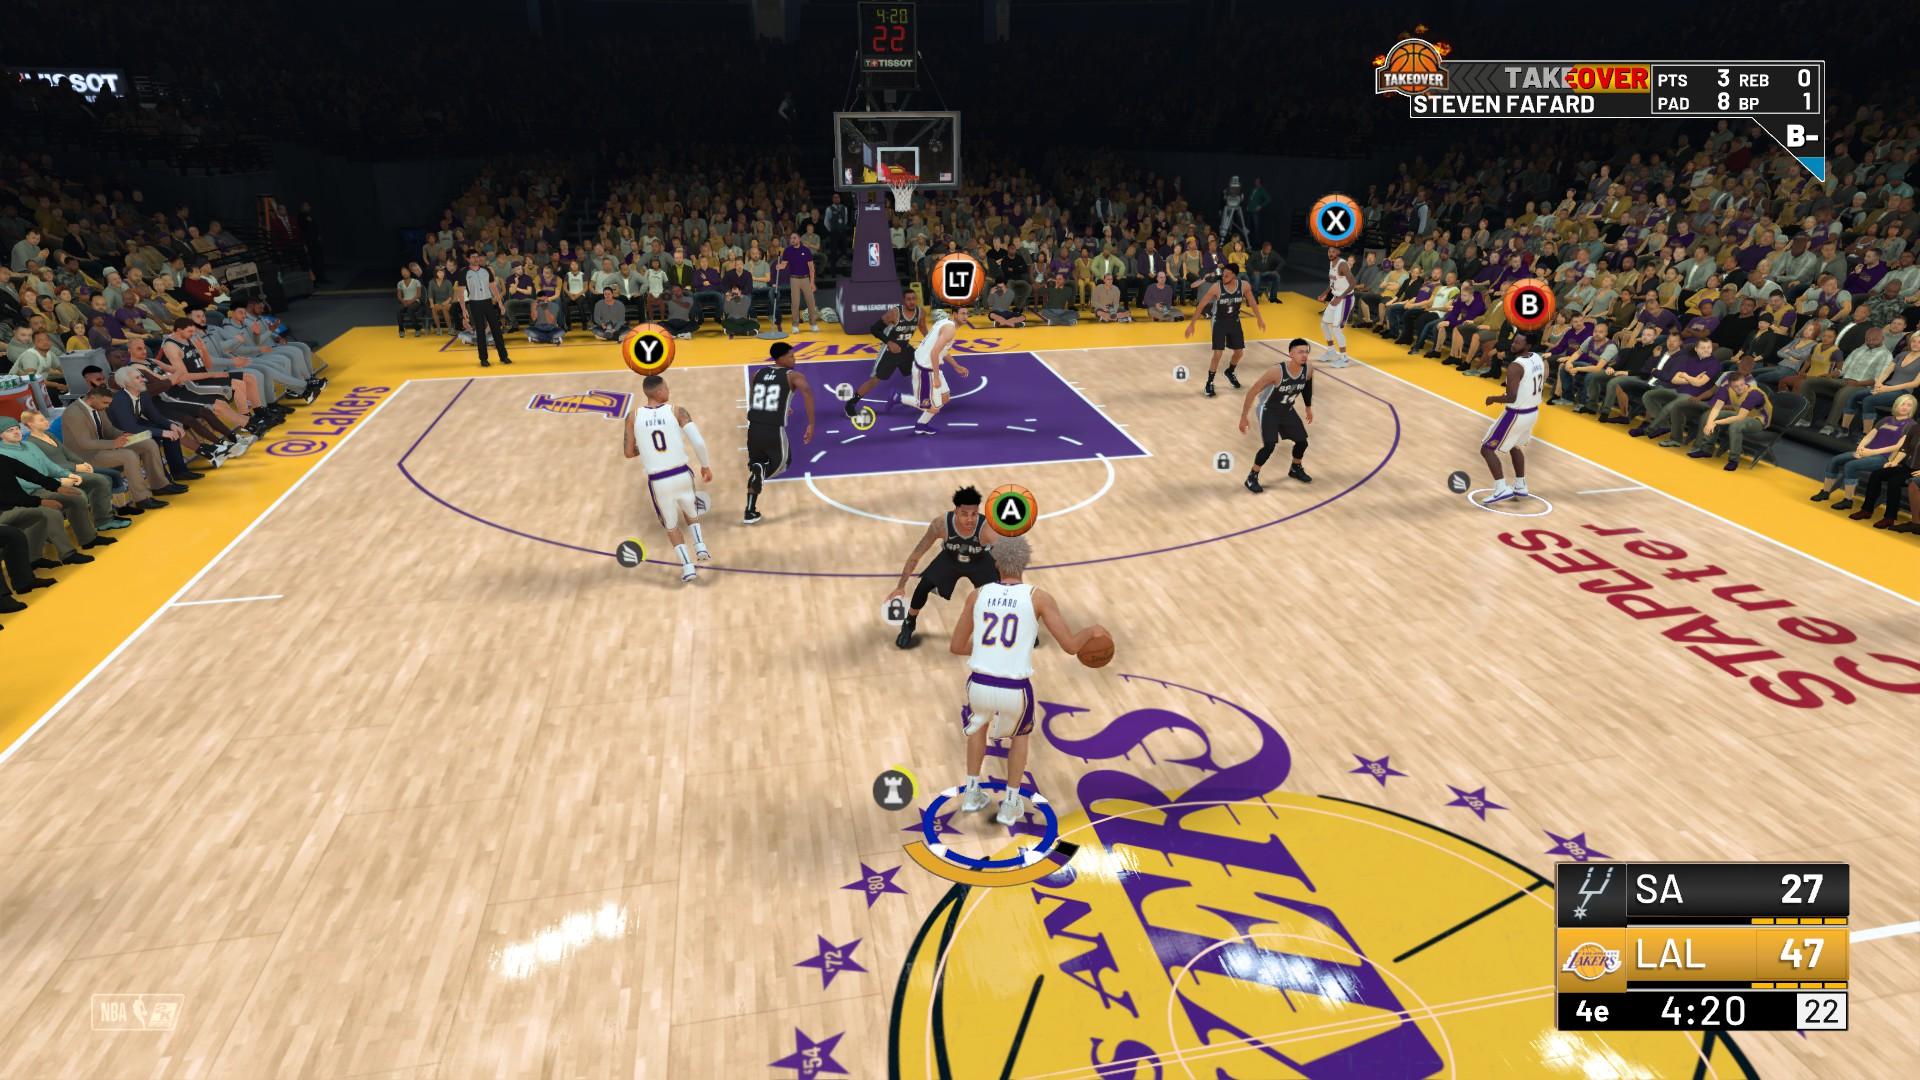 20180916134405 1 - [ TEST ] NBA 2K19 (PC, PS4, Xbox One, Switch) : encore une référence